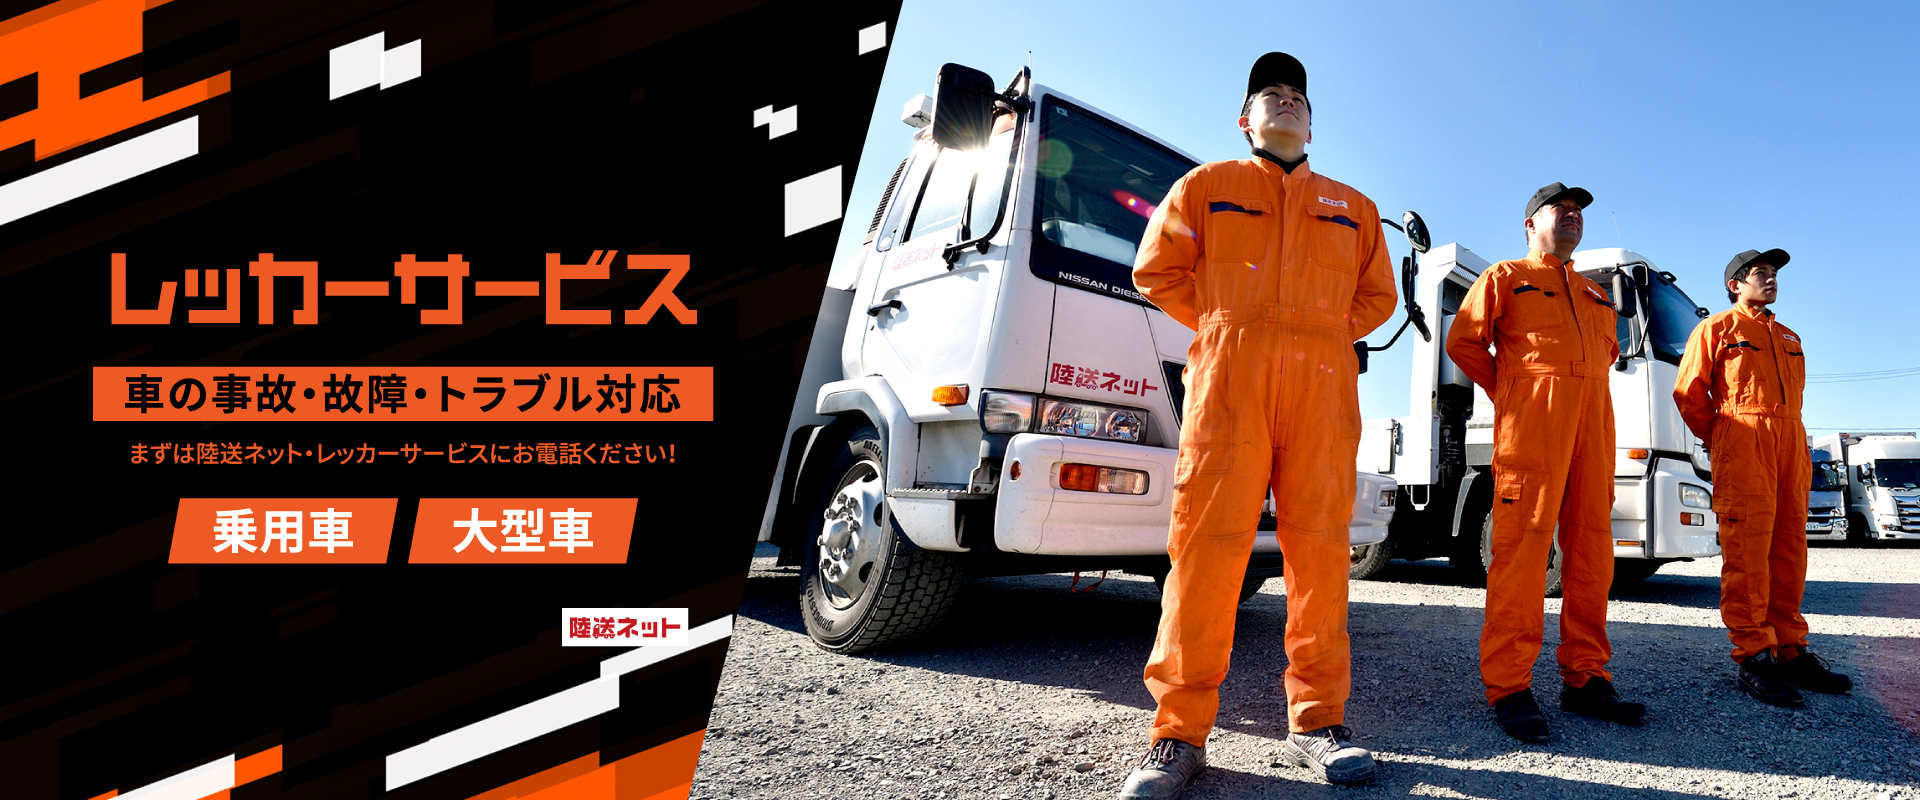 レッカーサービス|車の事故・故障・トラブル対応|まずは陸送ネット・レッカーサービスにお電話ください!